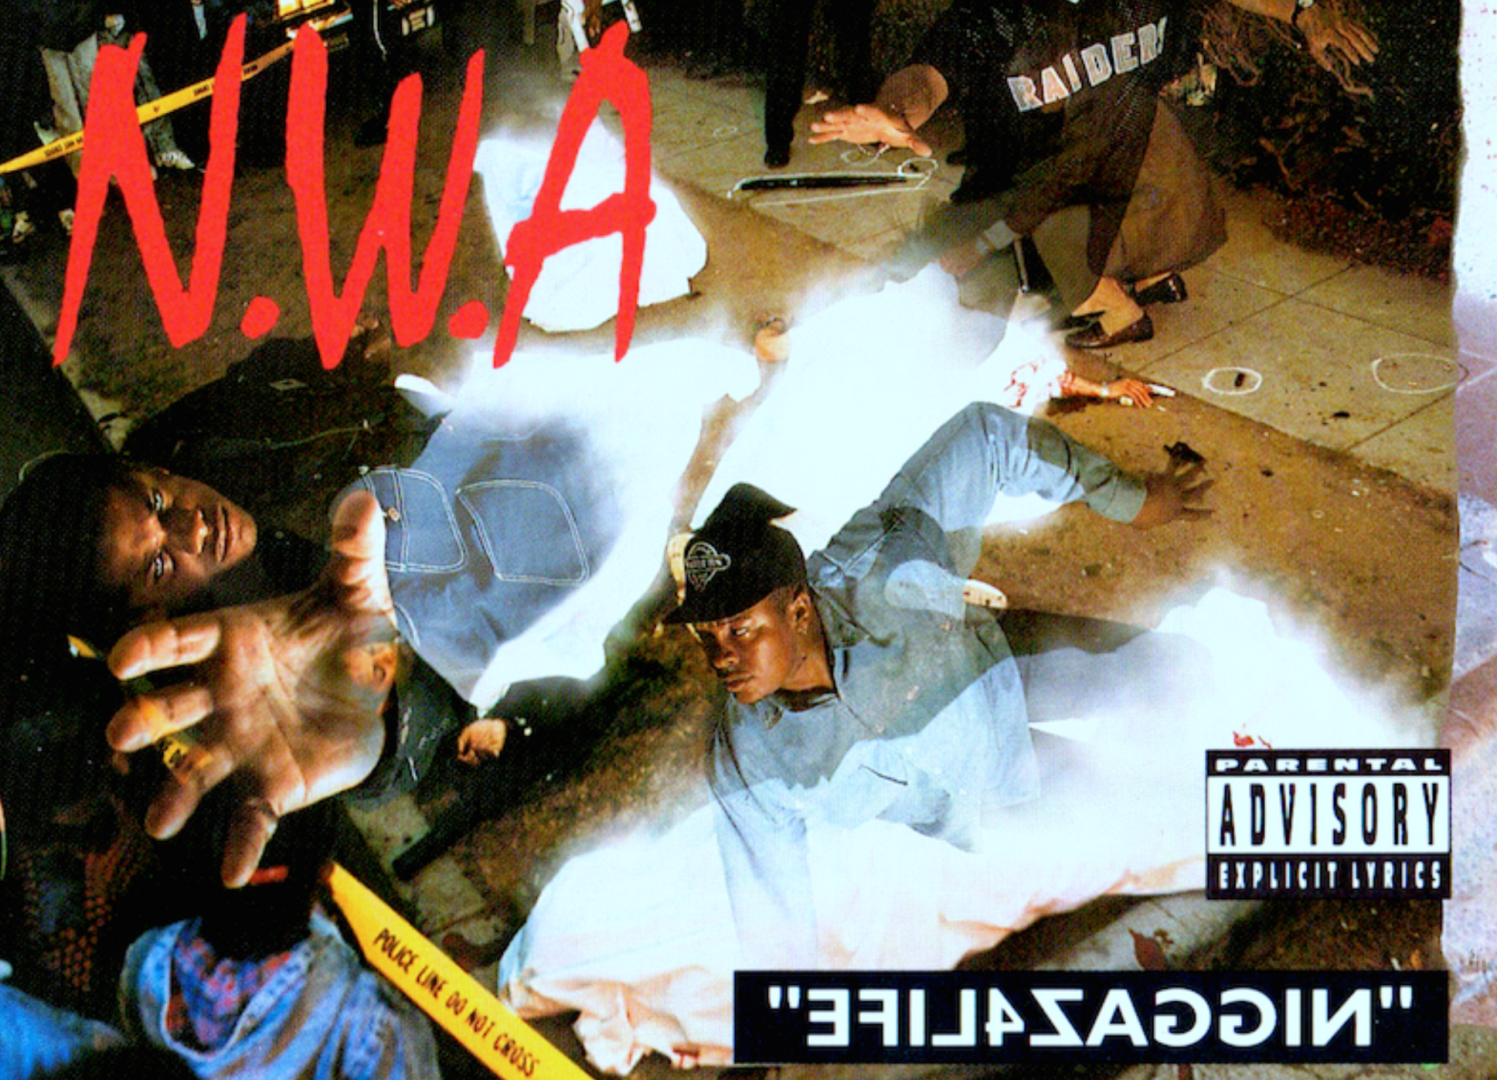 Integrantes del grupoálbum Niggaz4Life donde N.W.A nuevamente la voz de una ciudad marcada por el nacimiento del Gangsta Rap